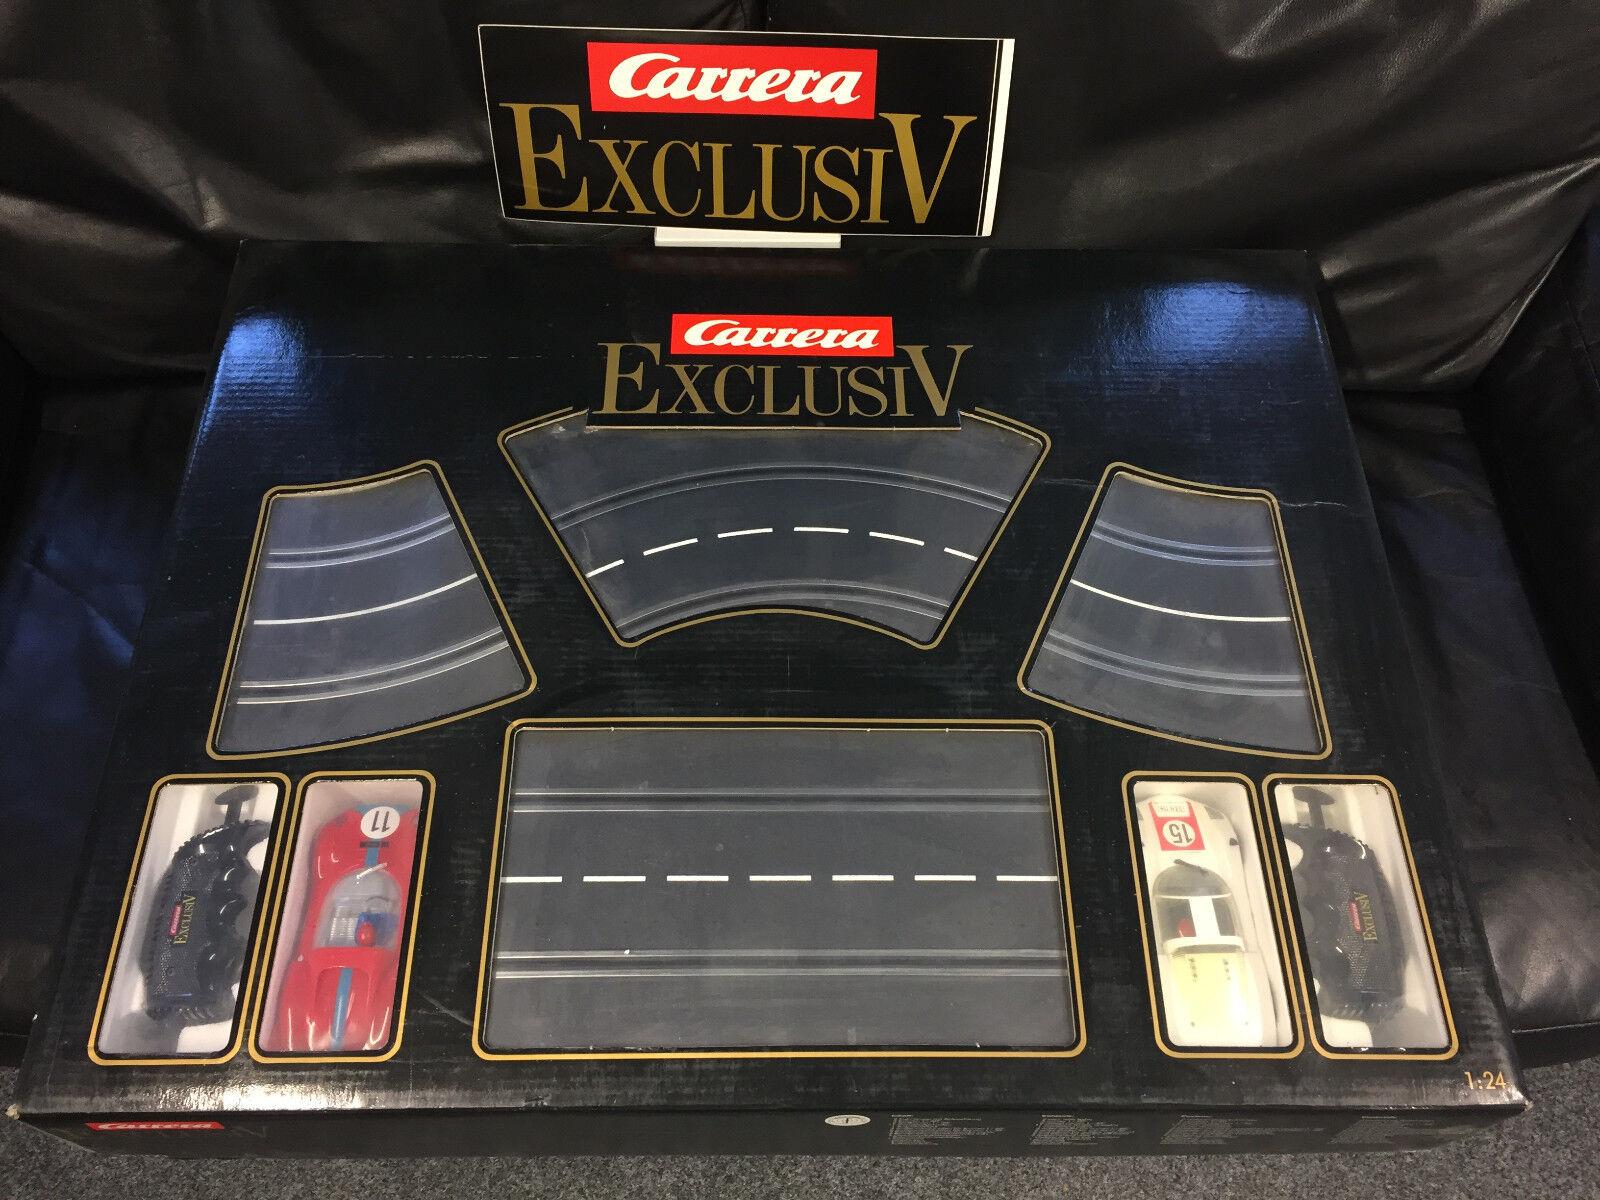 Carrera Exklusiv Komplettset (noch eingeschweißt  ) mit 2x OVP und viel Zubehör